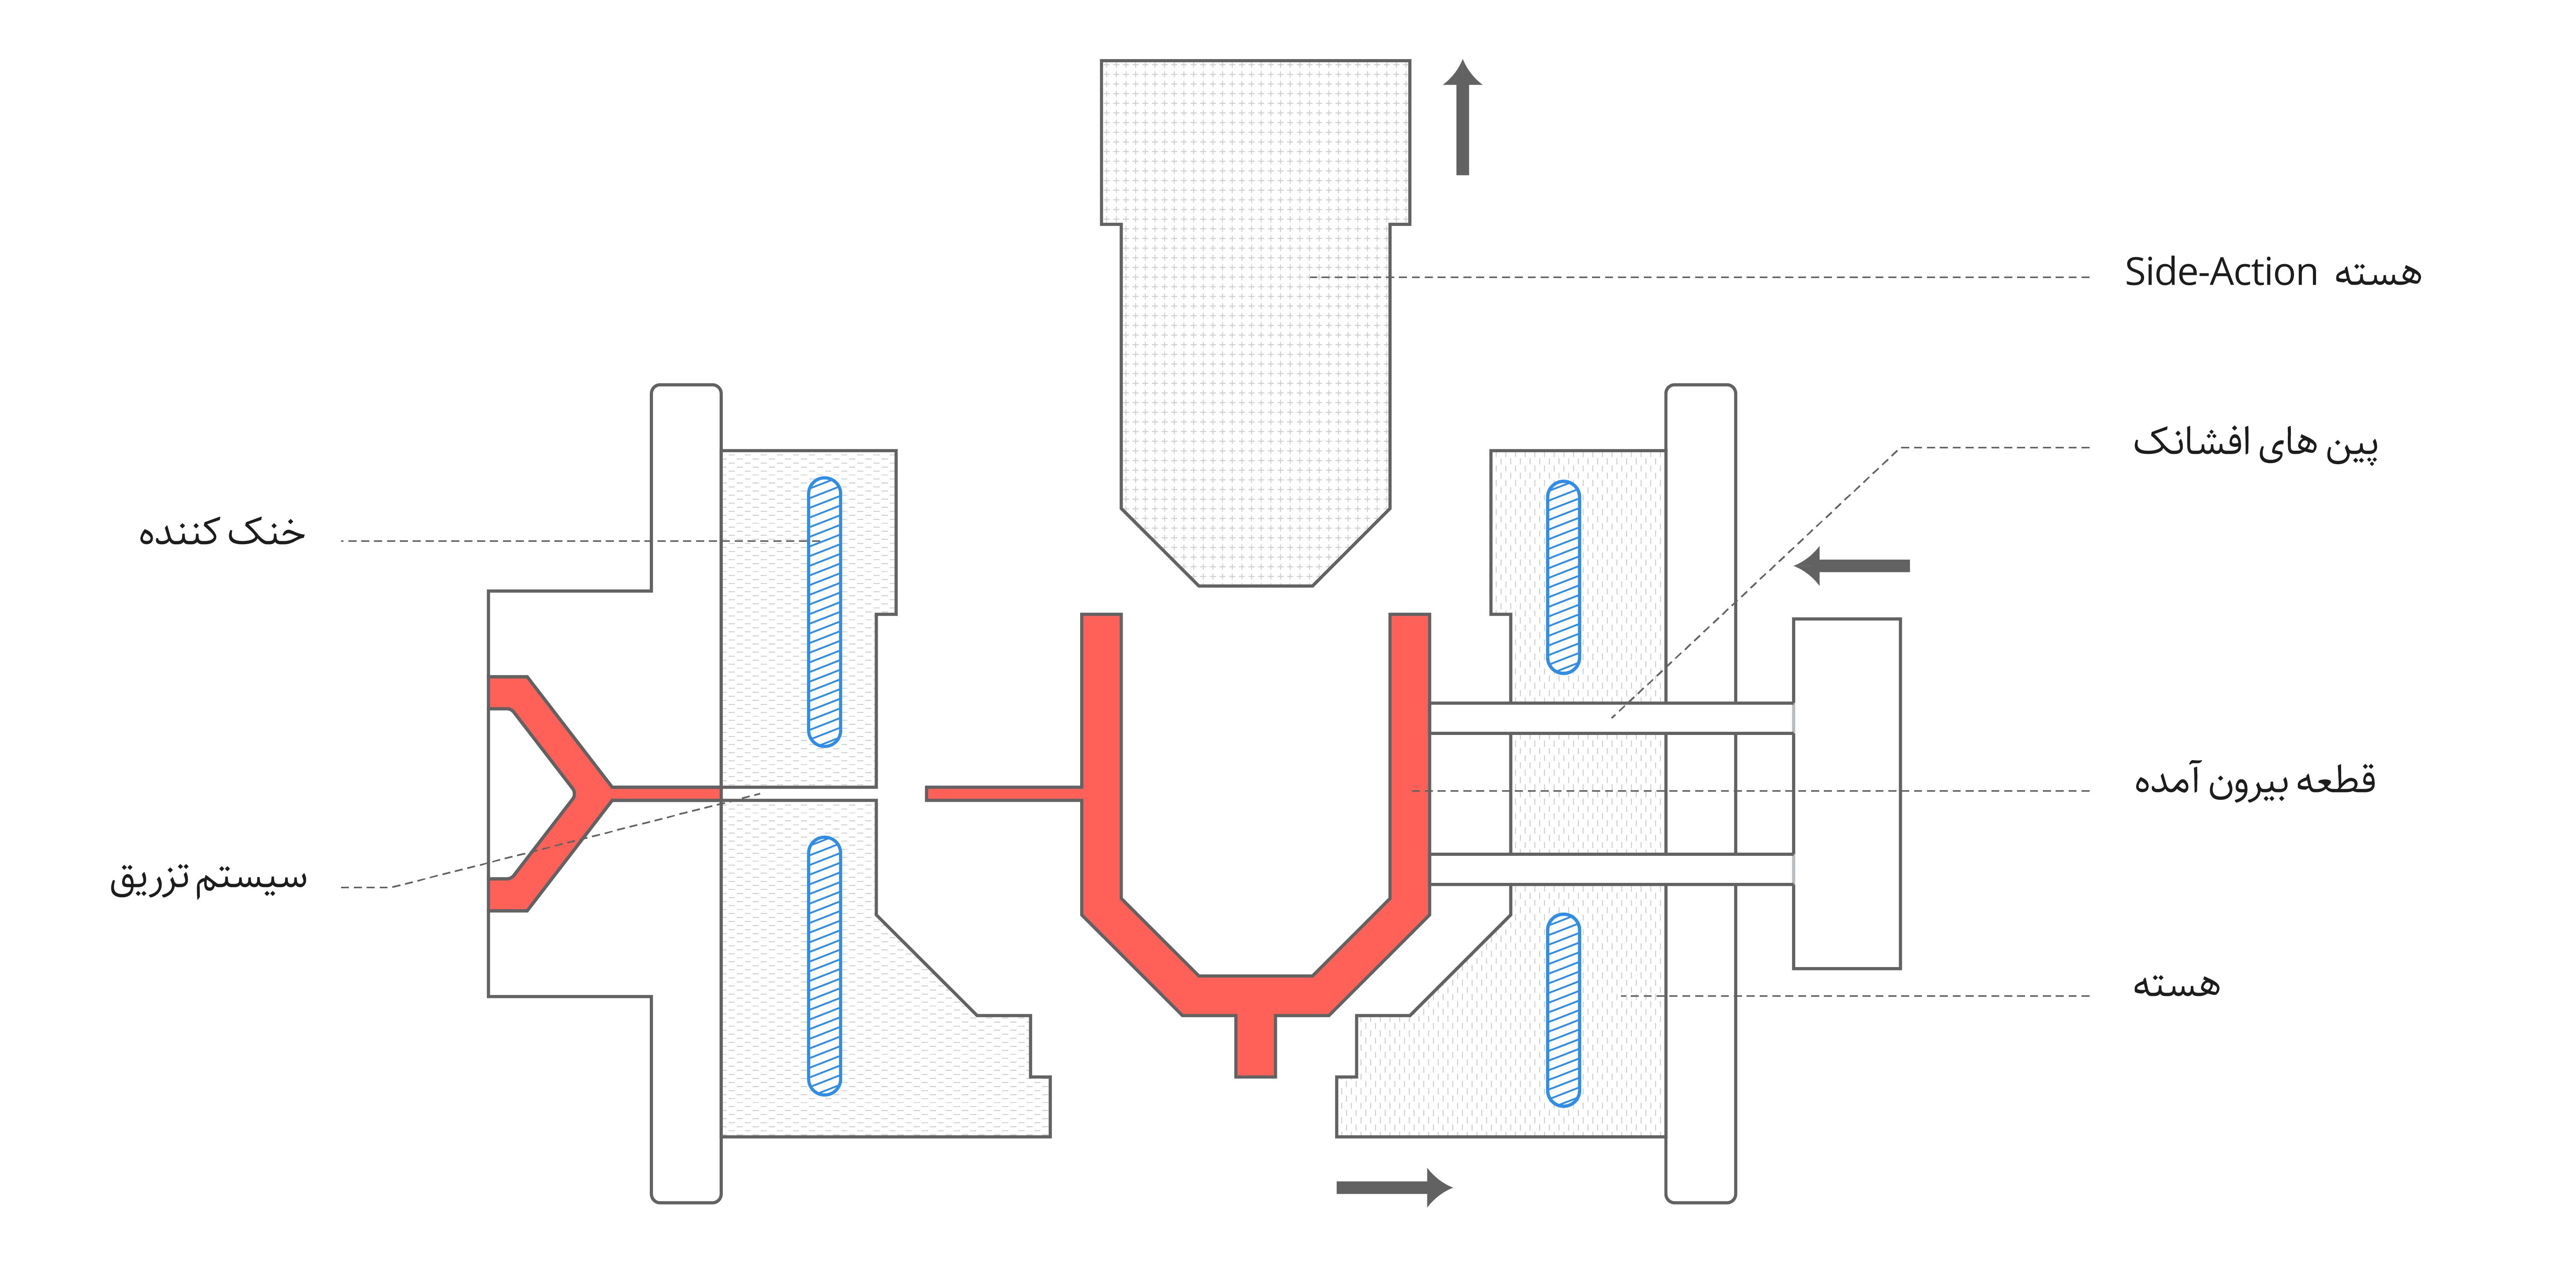 یک قالب با هسته های side-action در حین بیرون آوردن قطعه